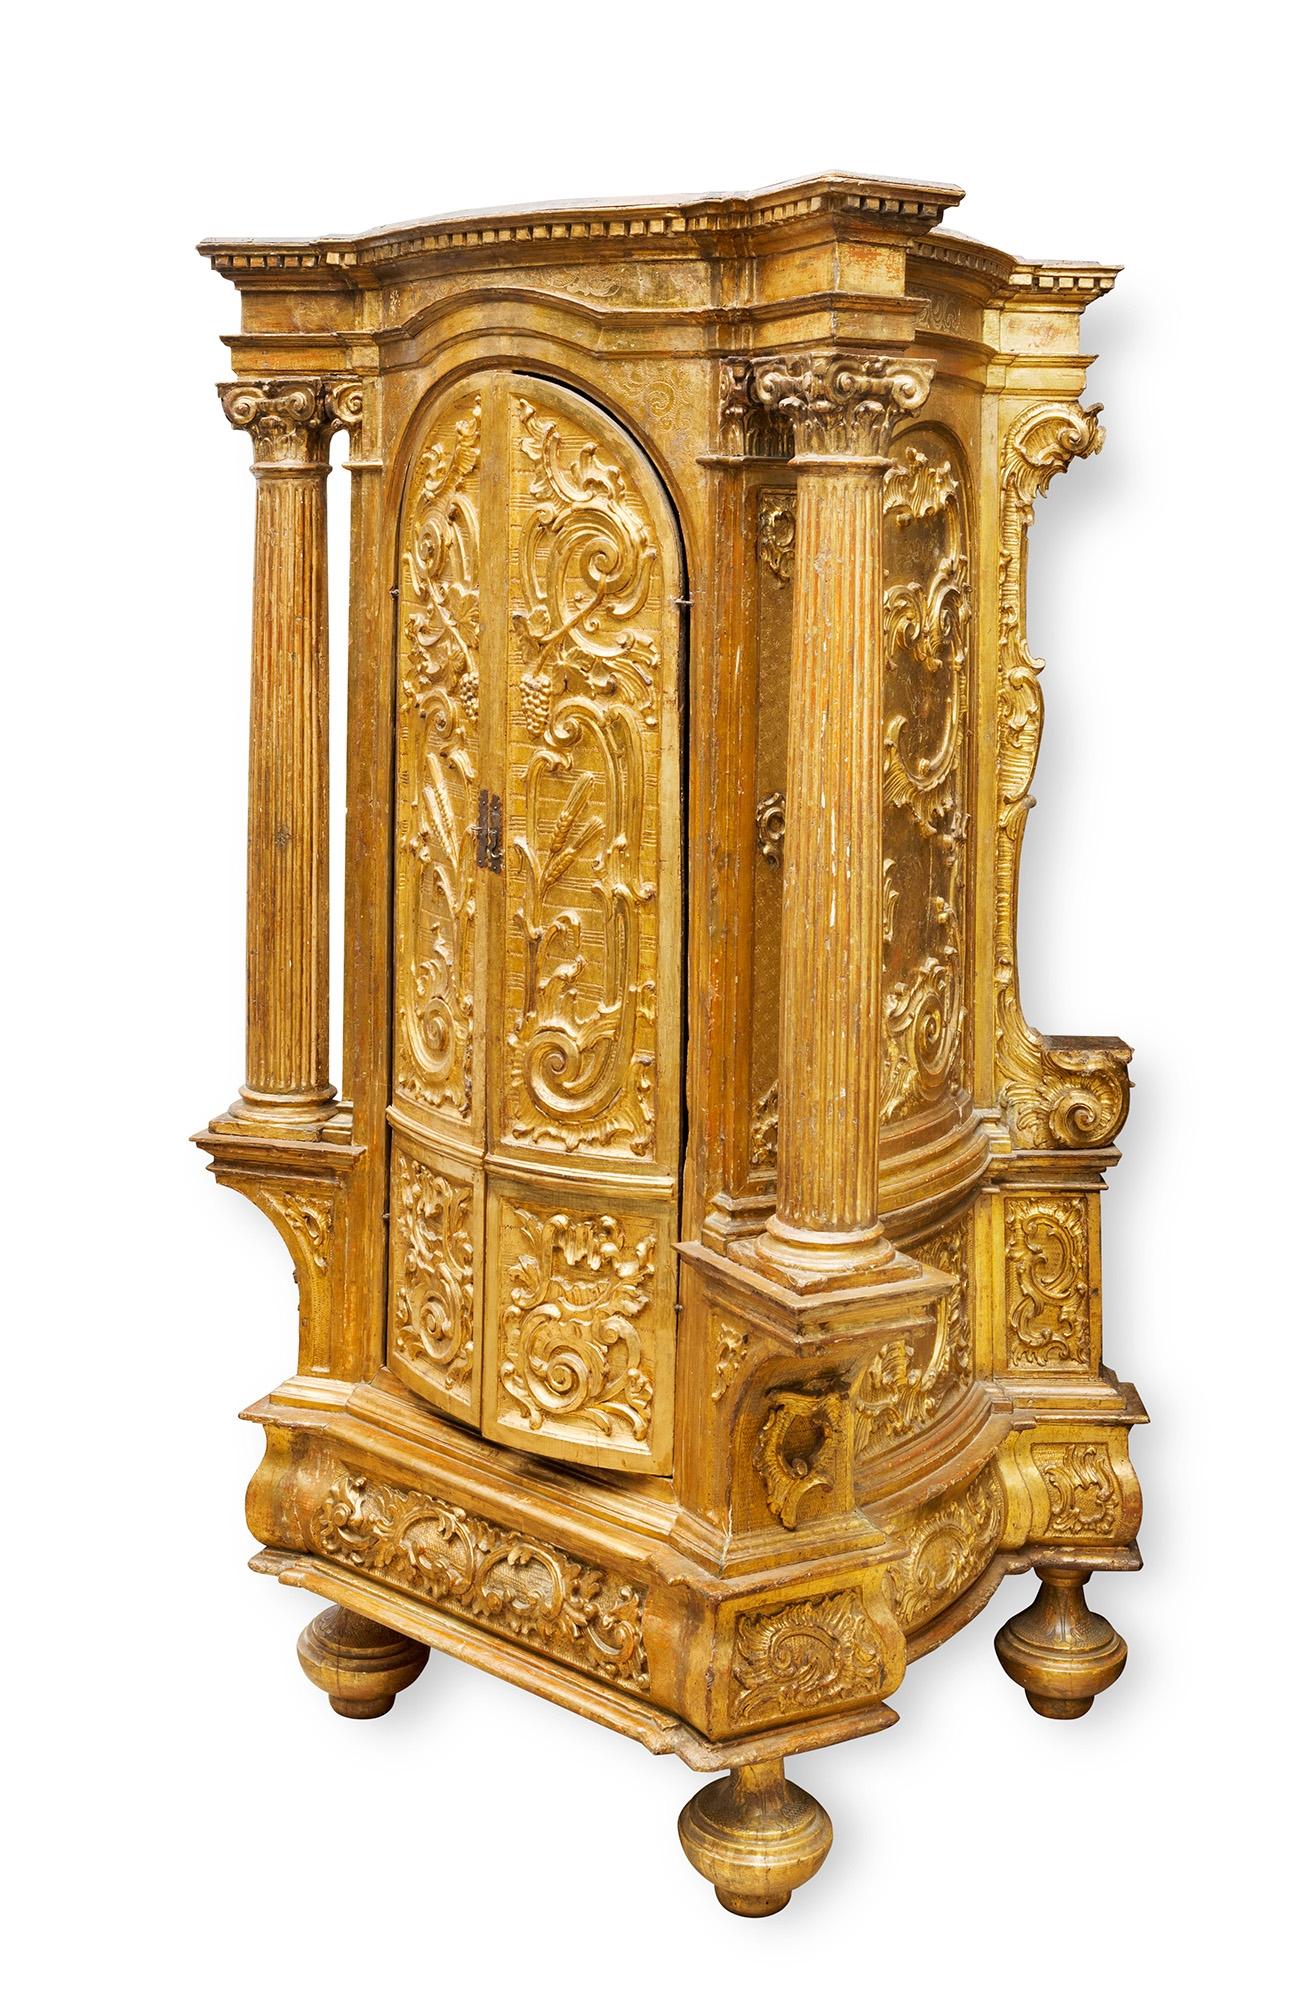 Tabern Culo Finales Siglo Xvi Estilo Renacentista Madera Dorada  # Muebles Renacentistas